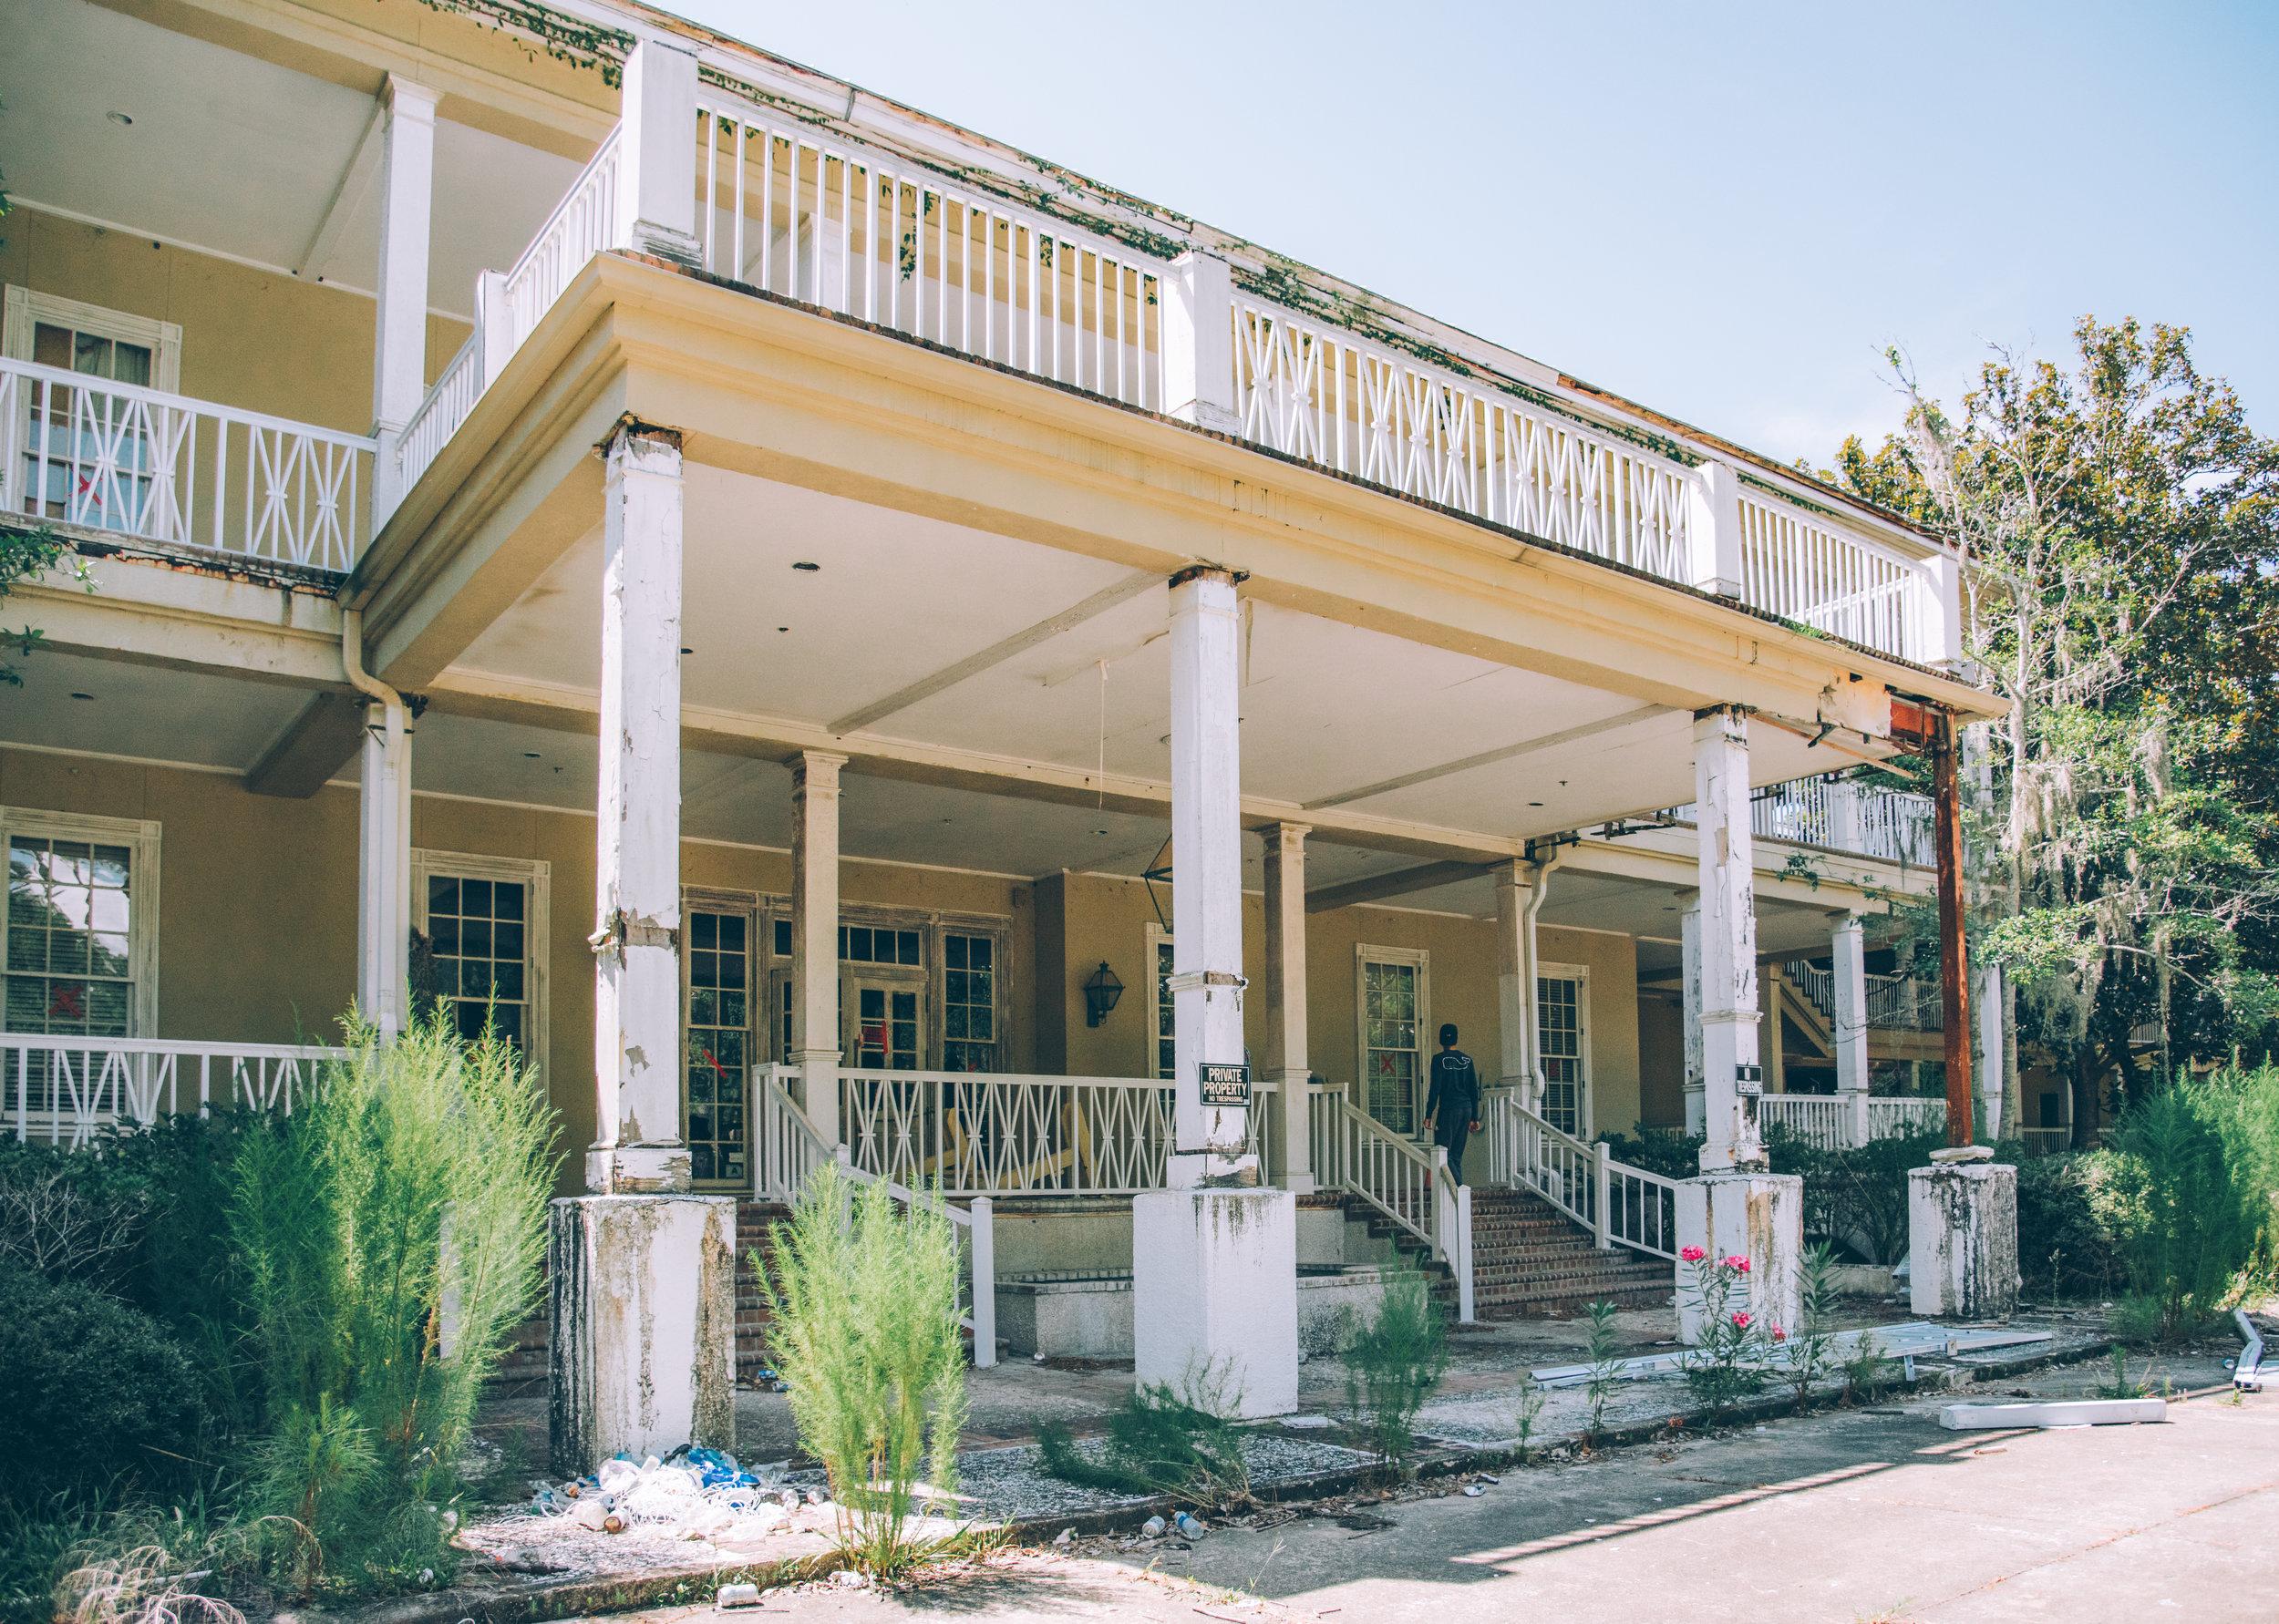 kw-abandoned-hotel-sc-img18.jpg